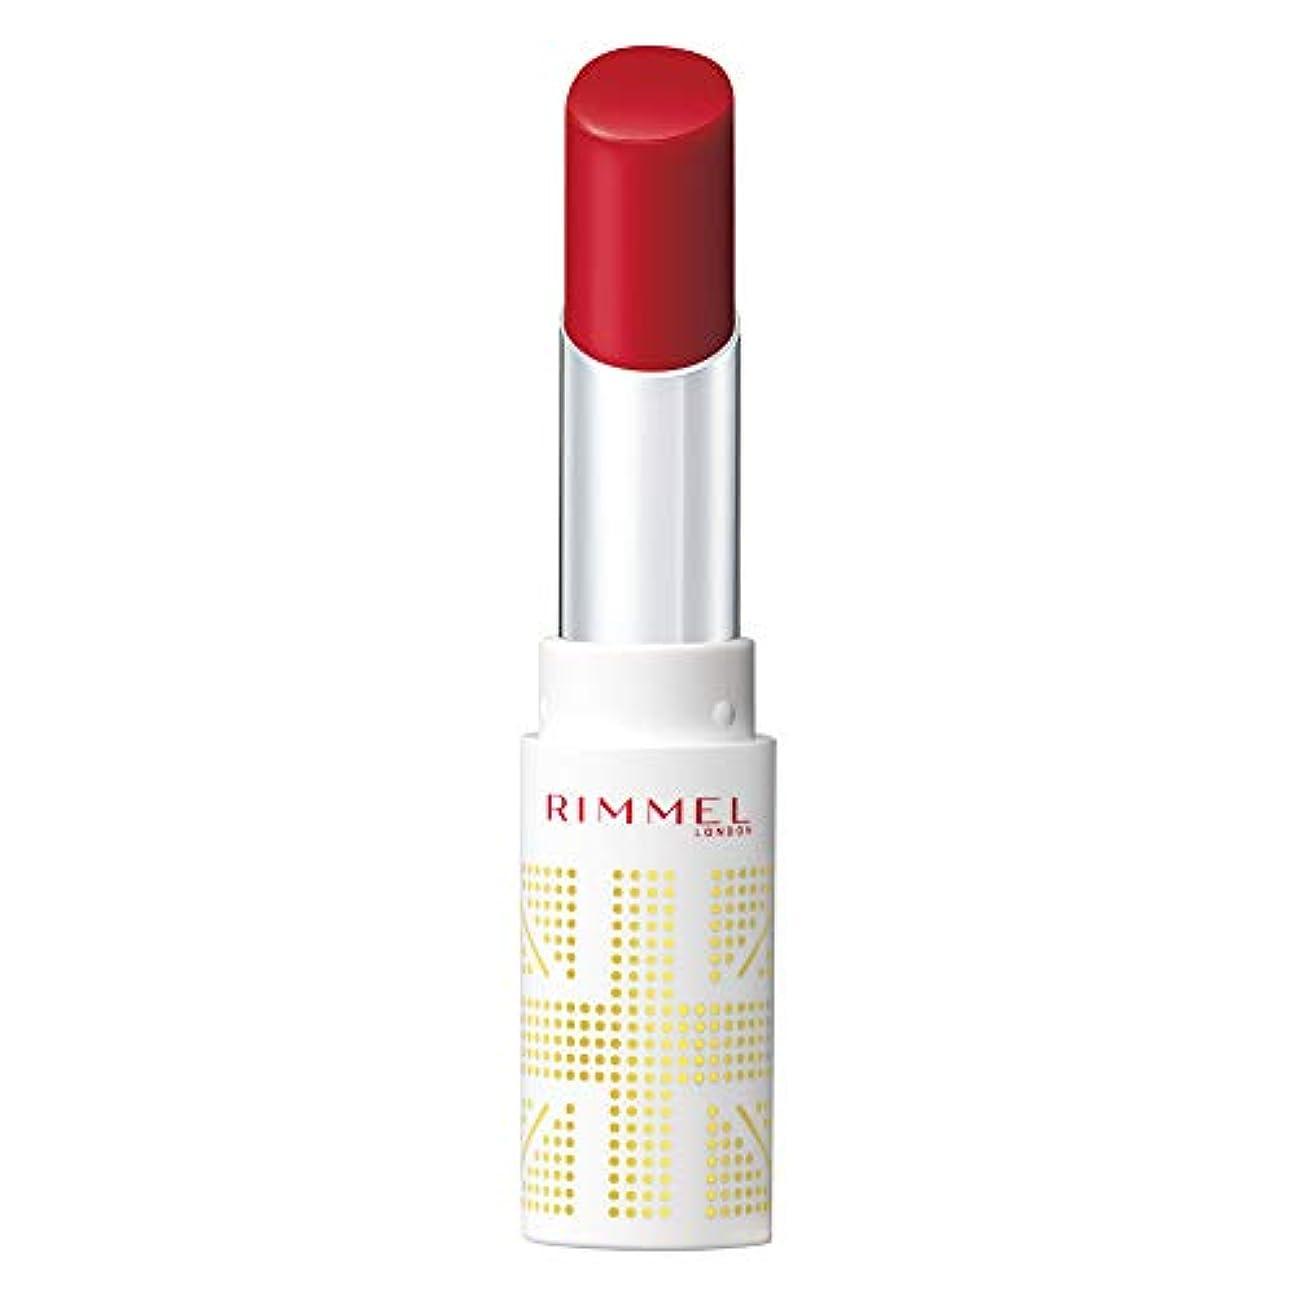 パワーセルフルーティー注釈を付けるRimmel (リンメル) リンメル ラスティングフィニッシュ オイルティントリップ 003 クラシカルレッド 3.8g 口紅